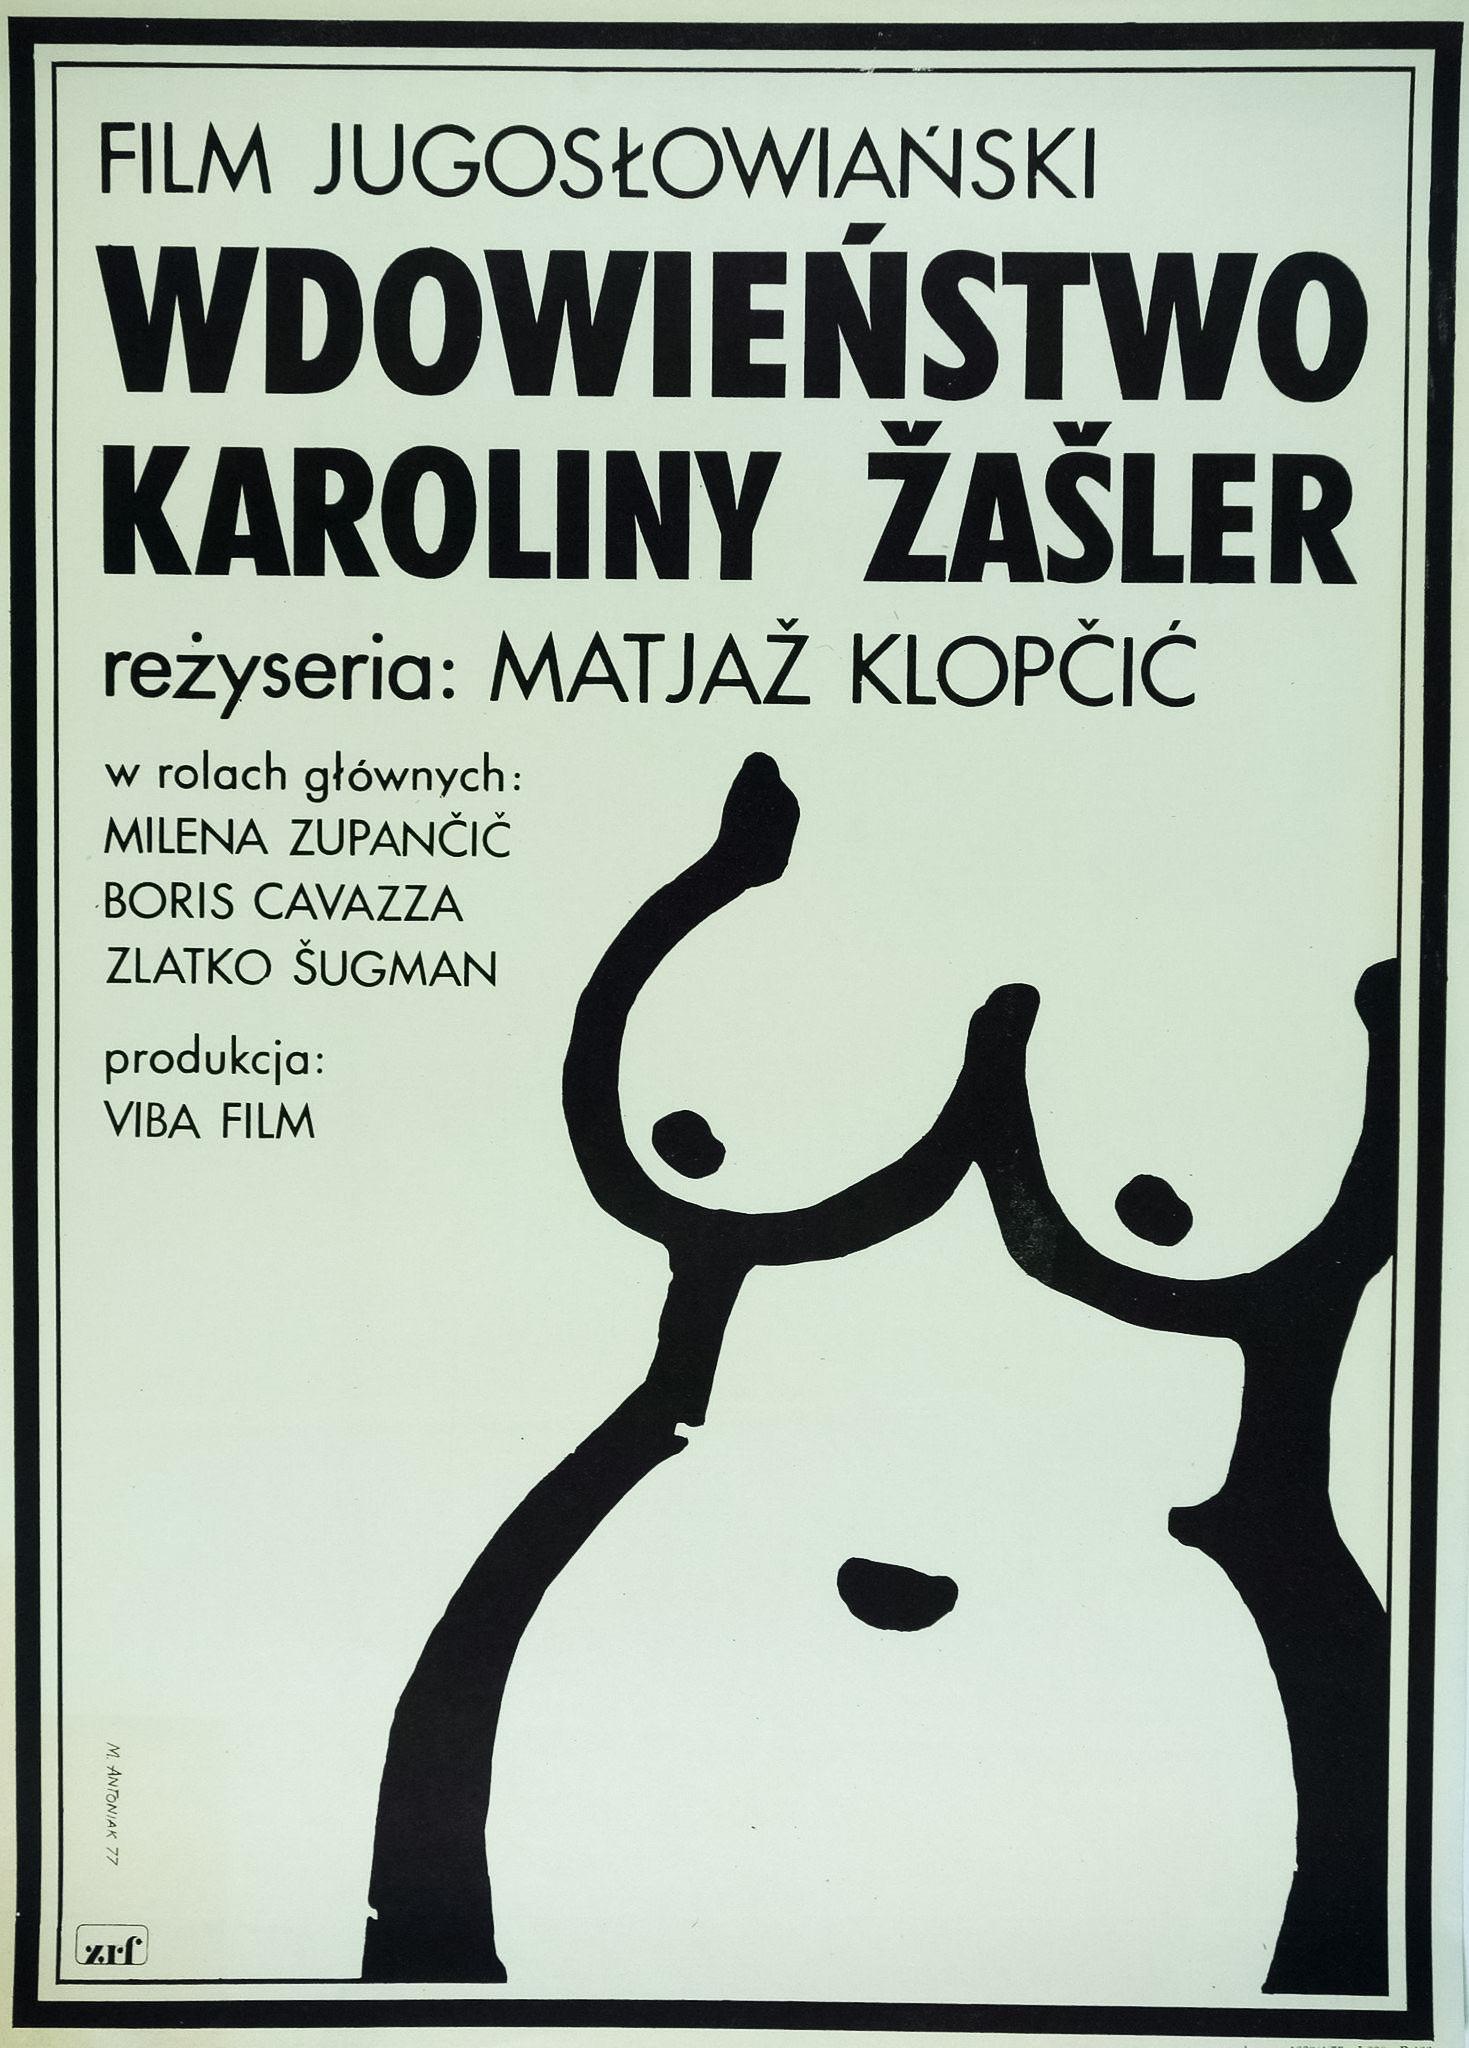 Boris Cavazza, Matjaz Klopcic, Zlatko Sugman, and Milena Zupancic in Vdovstvo Karoline Zasler (1976)